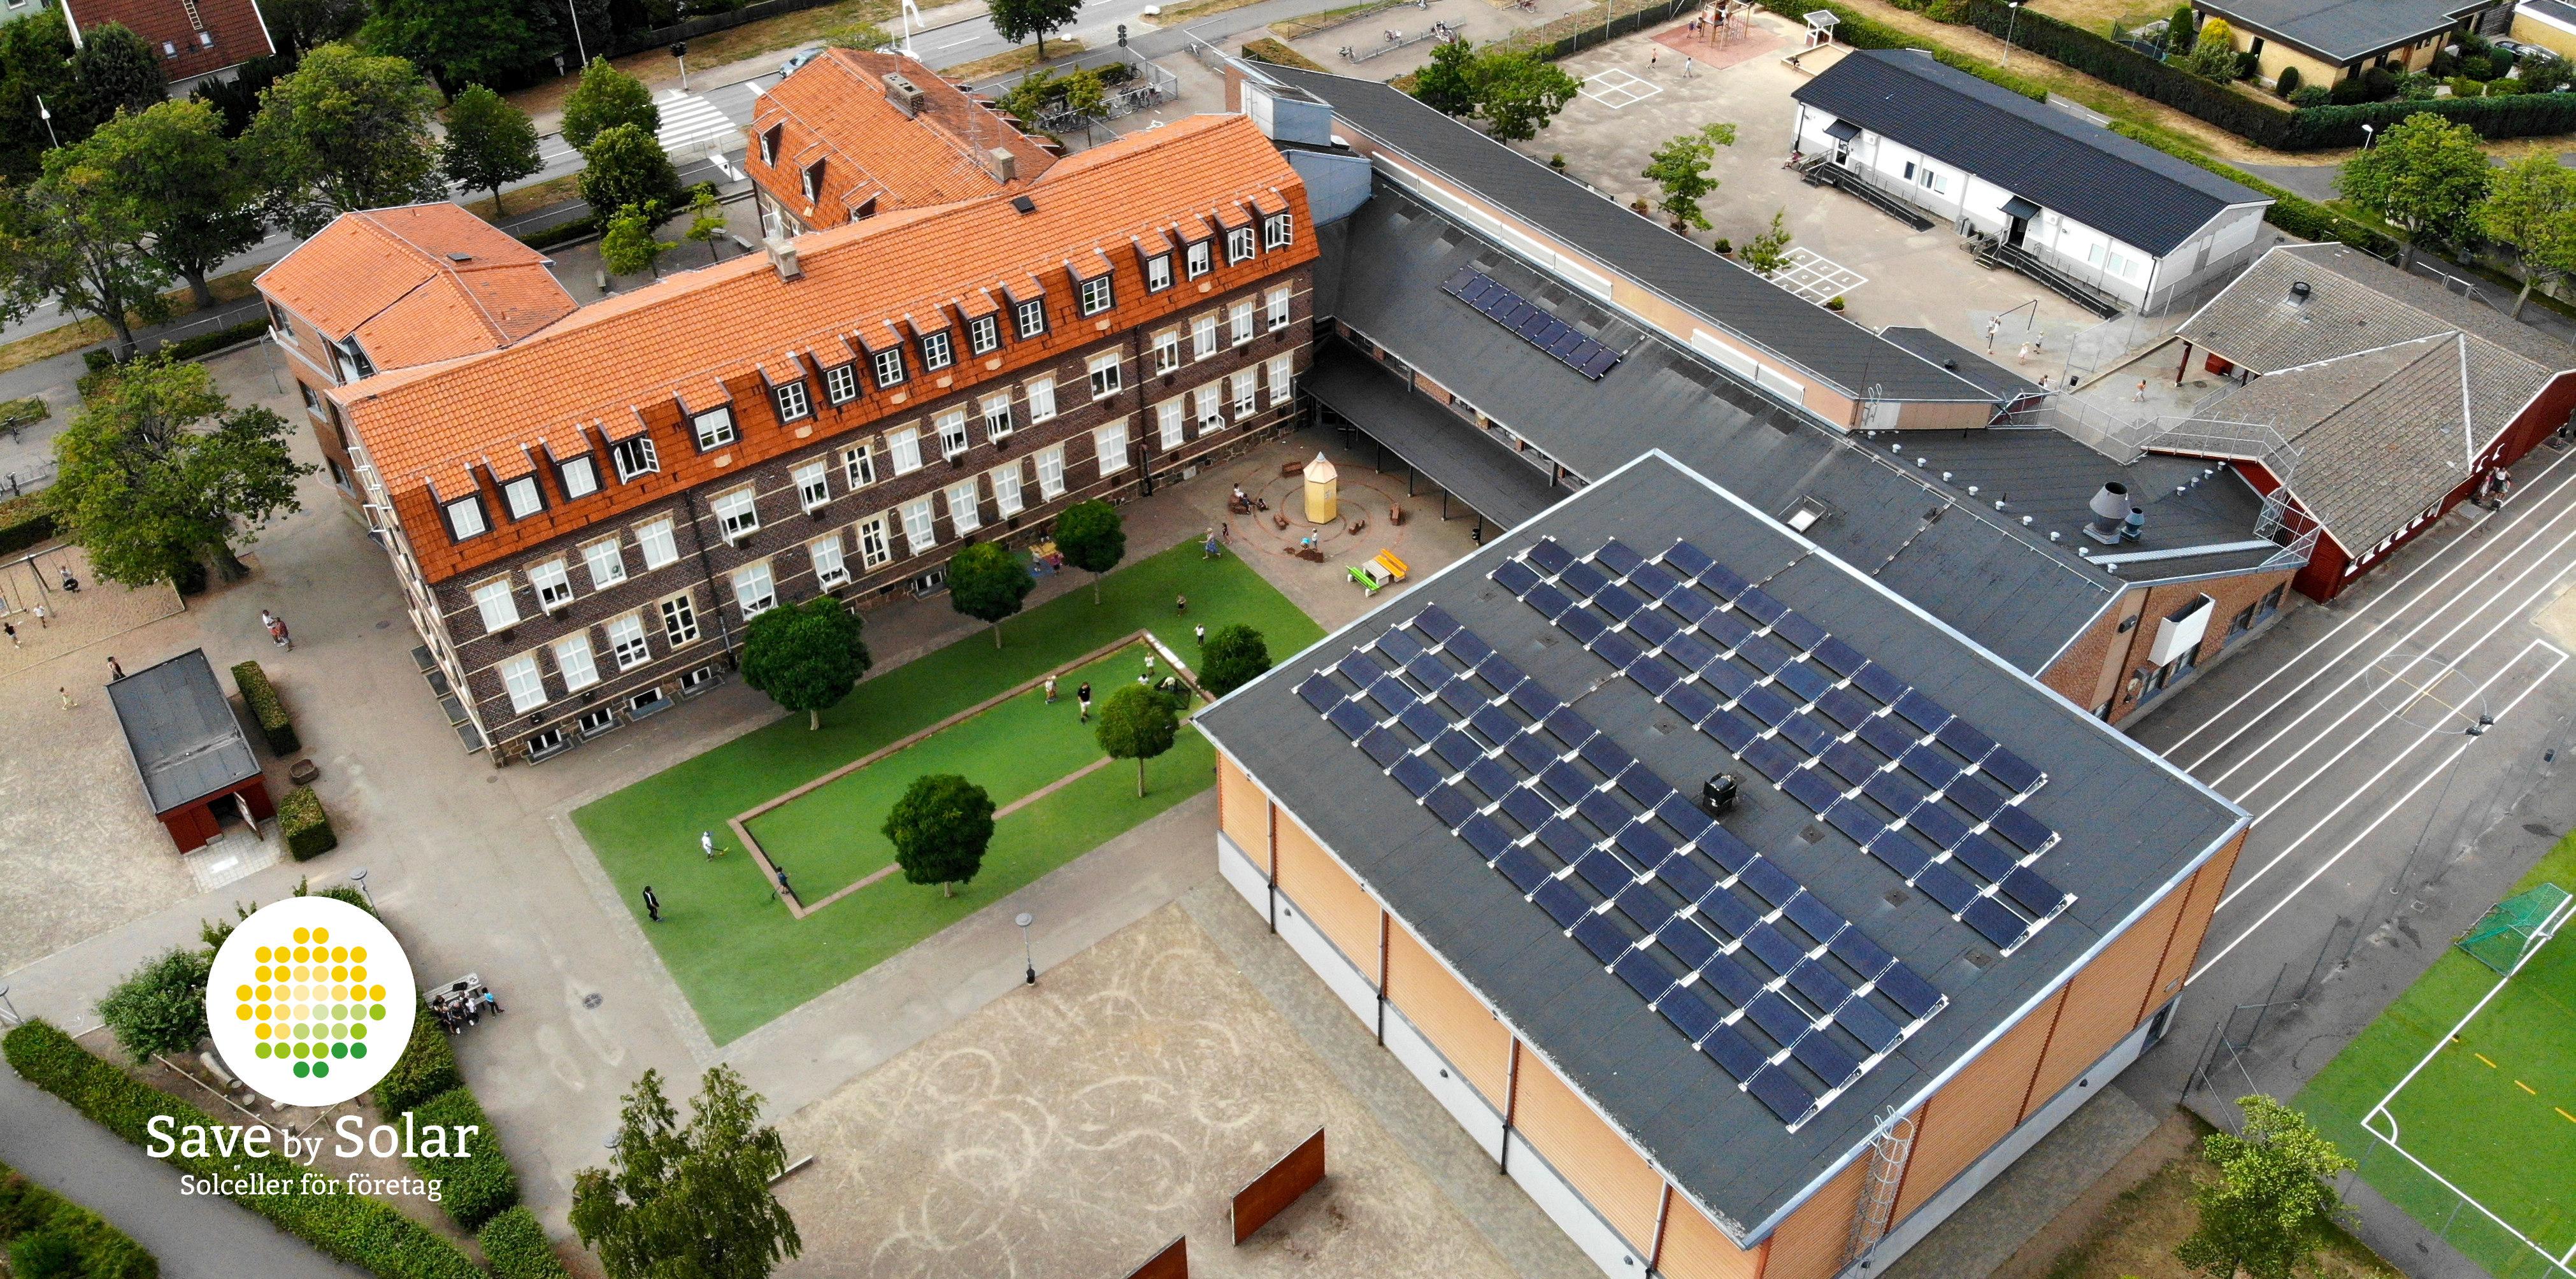 Solcellsanläggningen på Västra Ramlösa skola vinner Skåne Solar Award, installerad av Save by Solar.